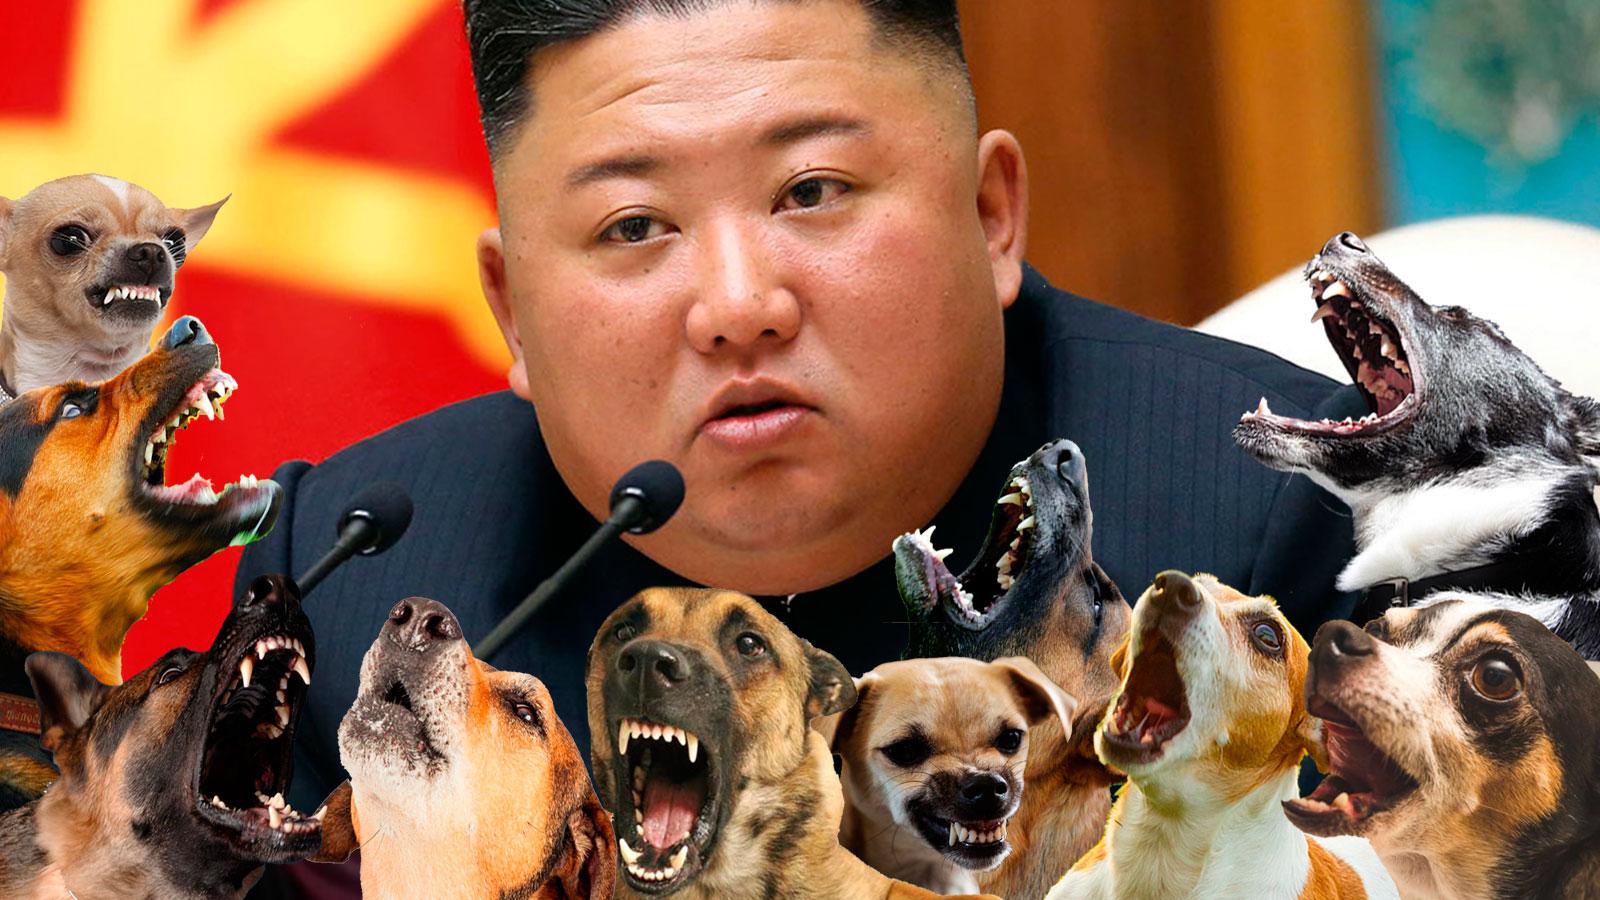 Si algo le faltaba, es que no lo quieran ni los perros